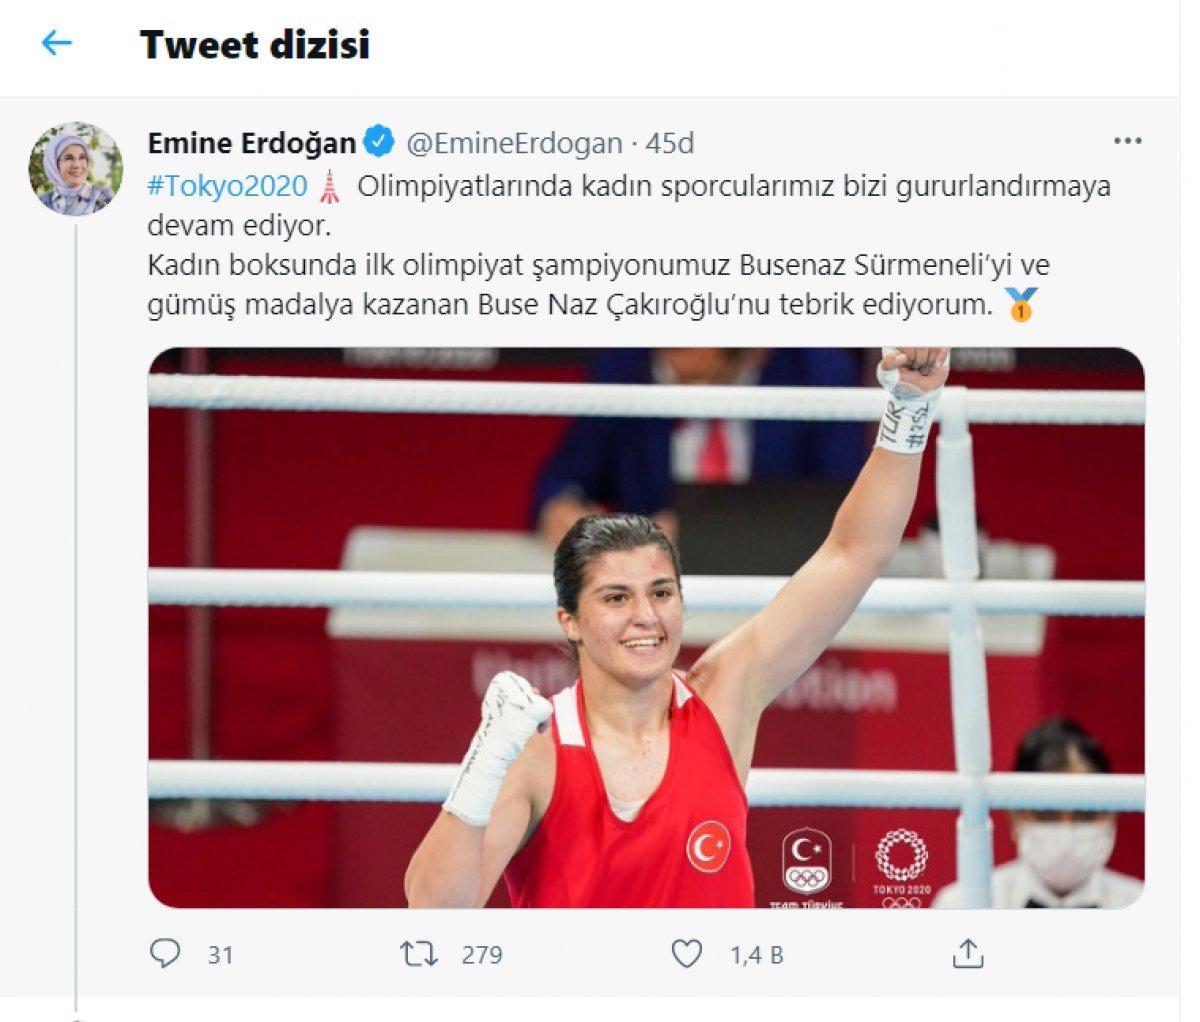 Emine Erdoğan madalya alan Buse Naz Çakıroğlu ve Buse Naz Sürmeneli yi tebrik etti  #1